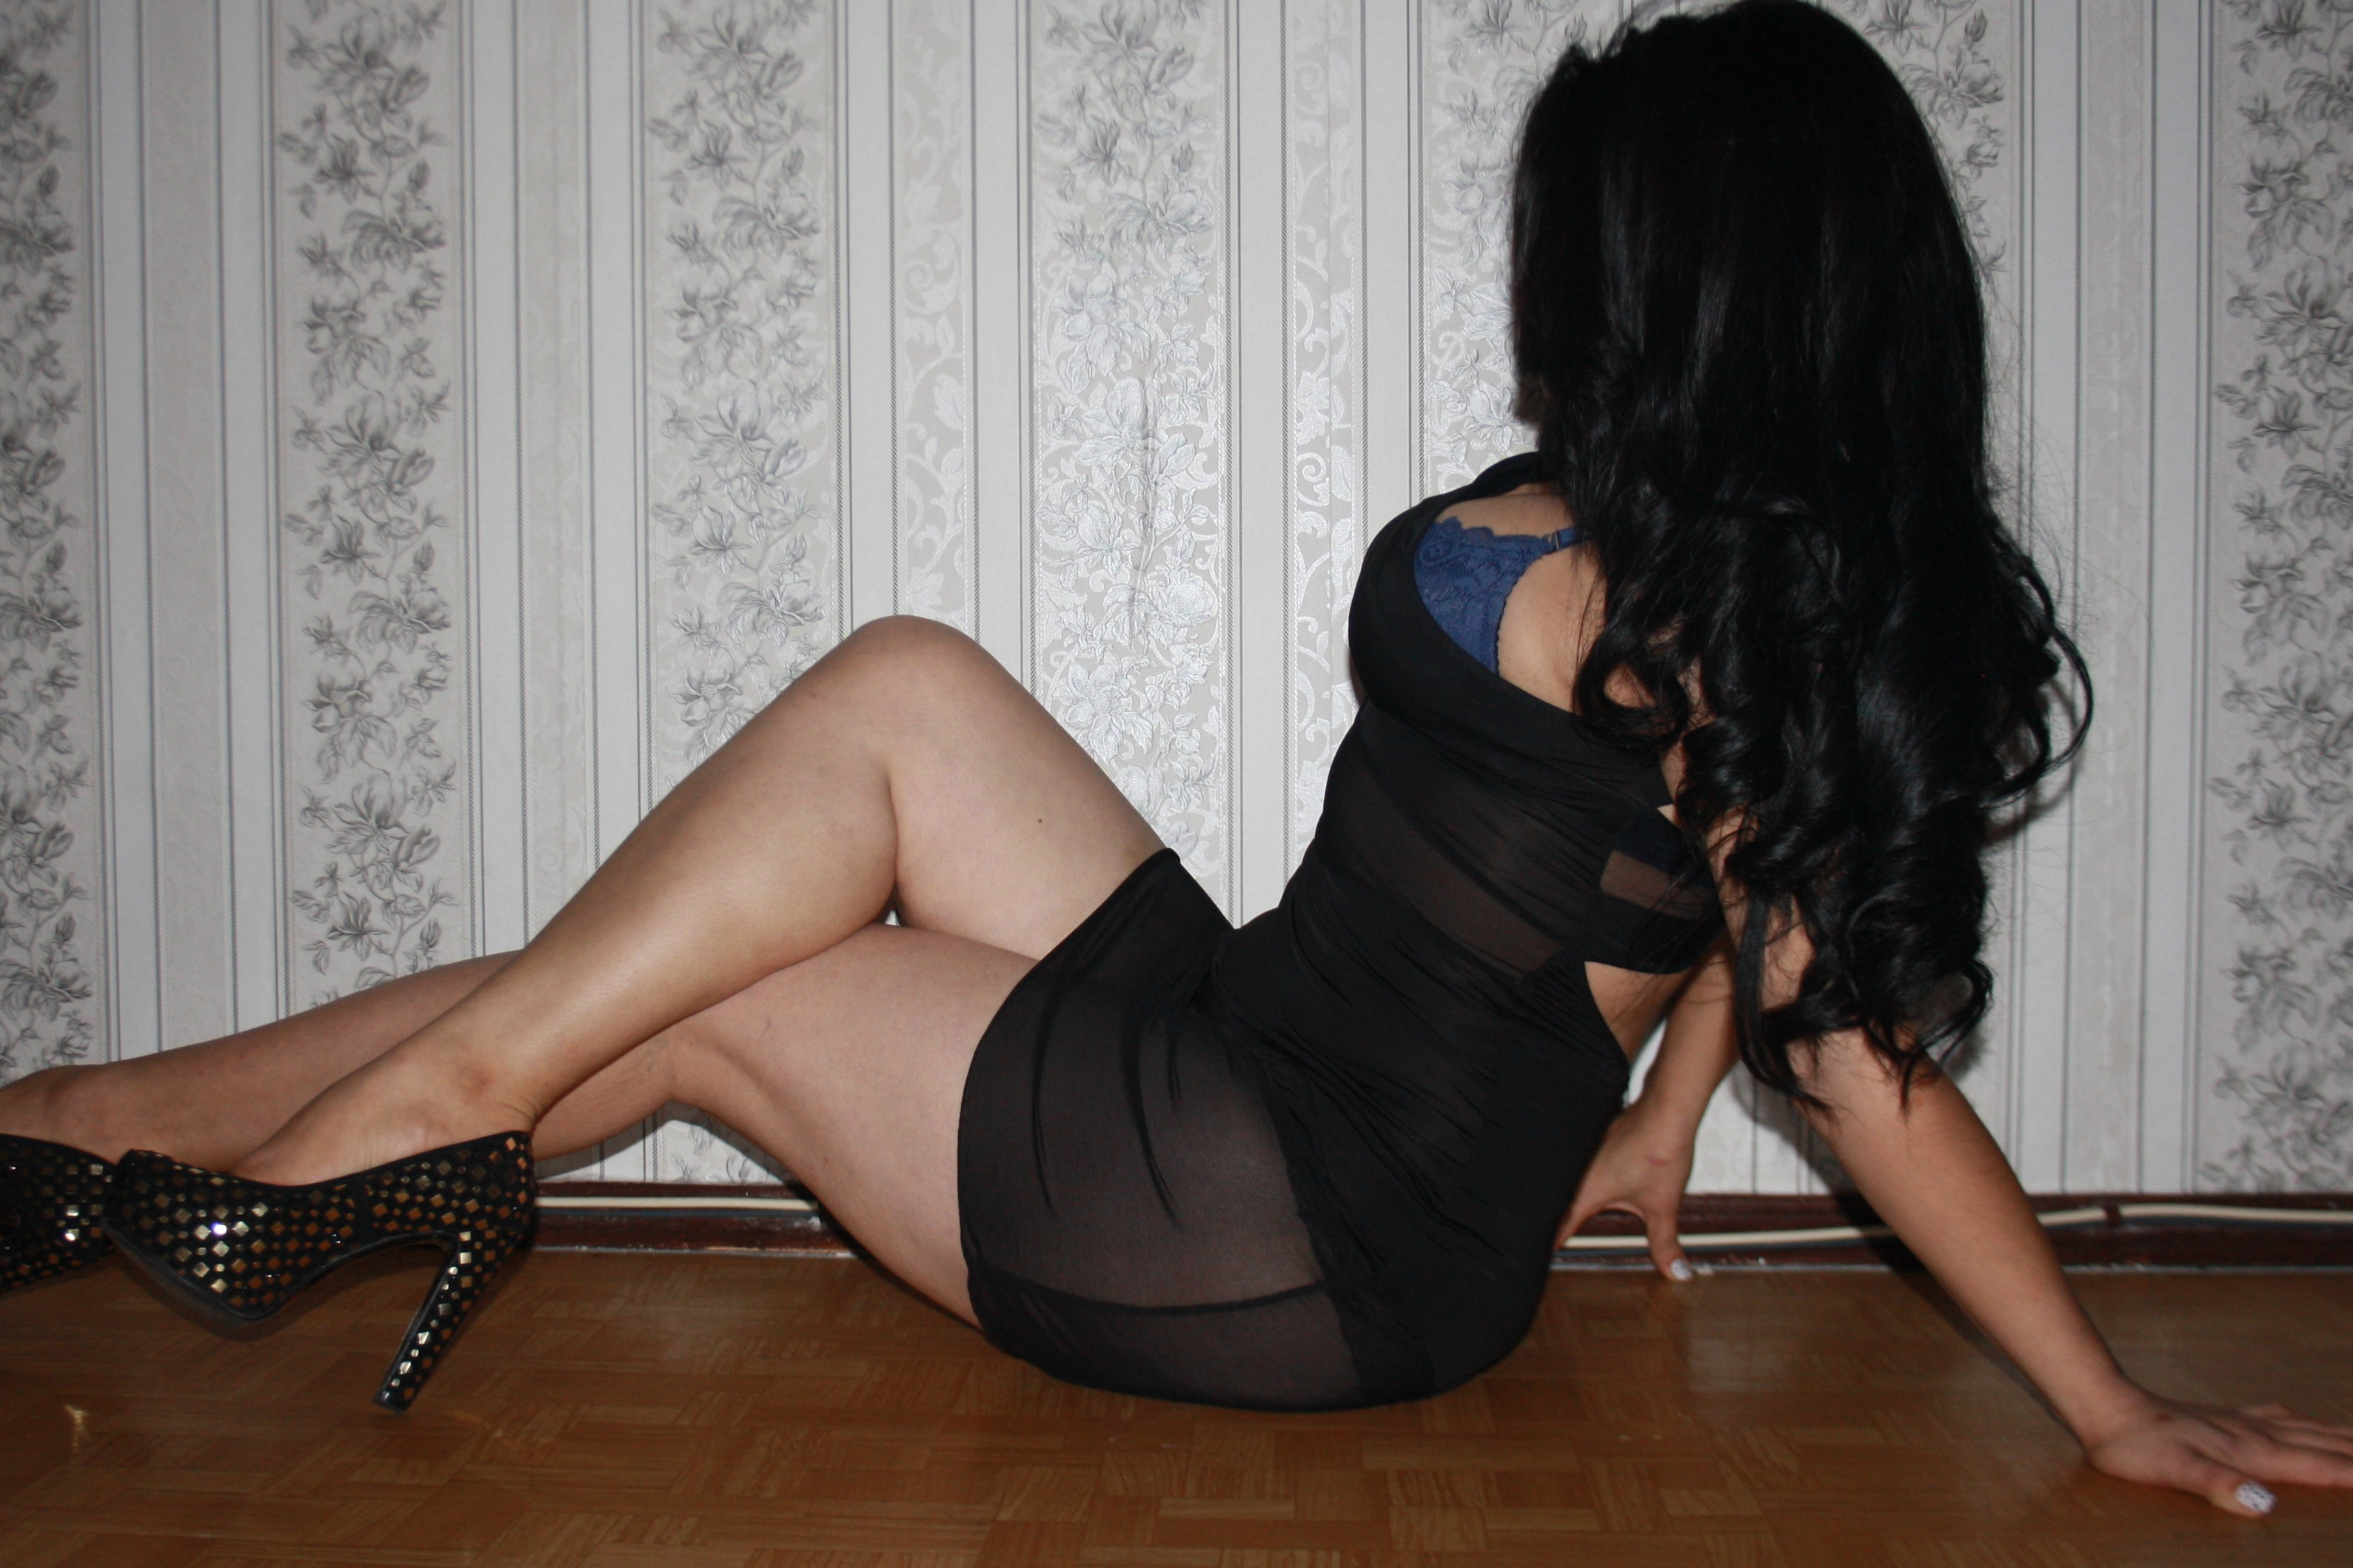 Проститути в питере, Проститутки Питера, индивидуалки с проверенными 15 фотография